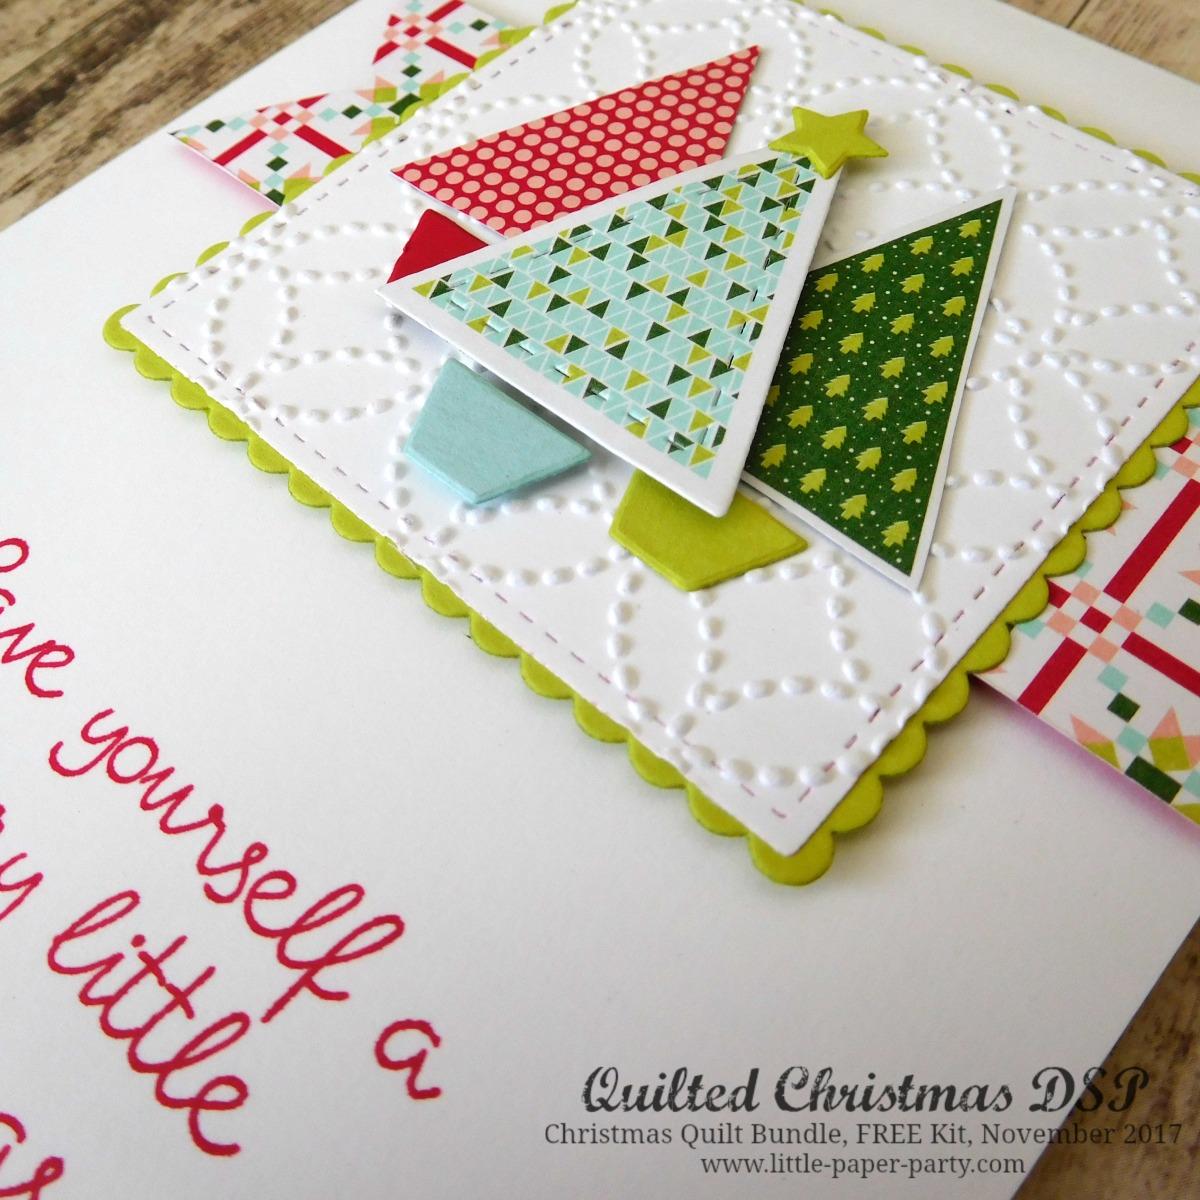 Christmas Quilt, FREE Kit November